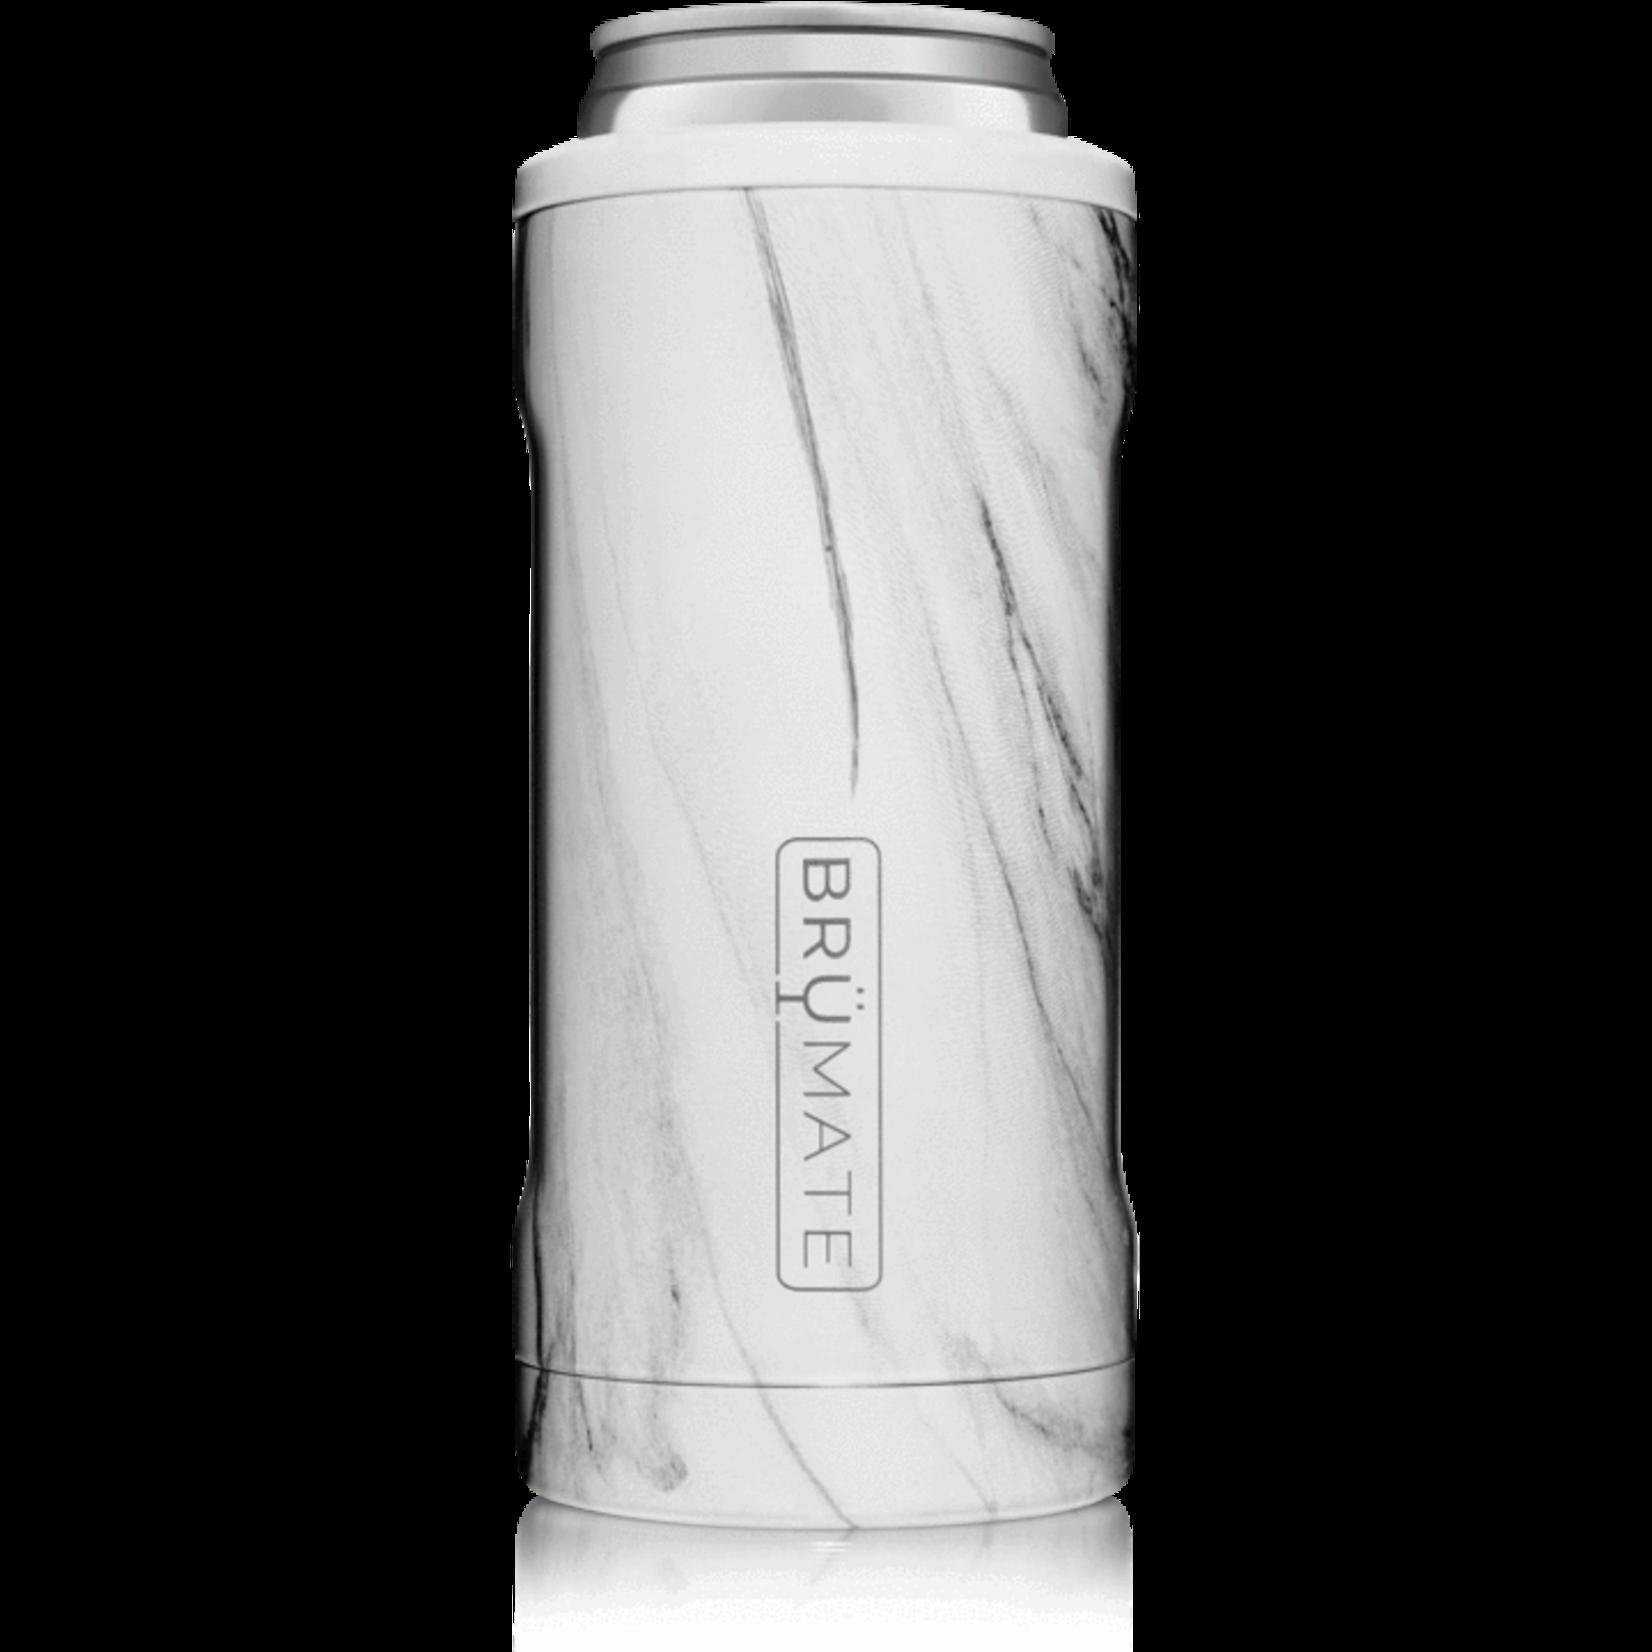 BruMate Hopsulator Slim in Carrara Marble